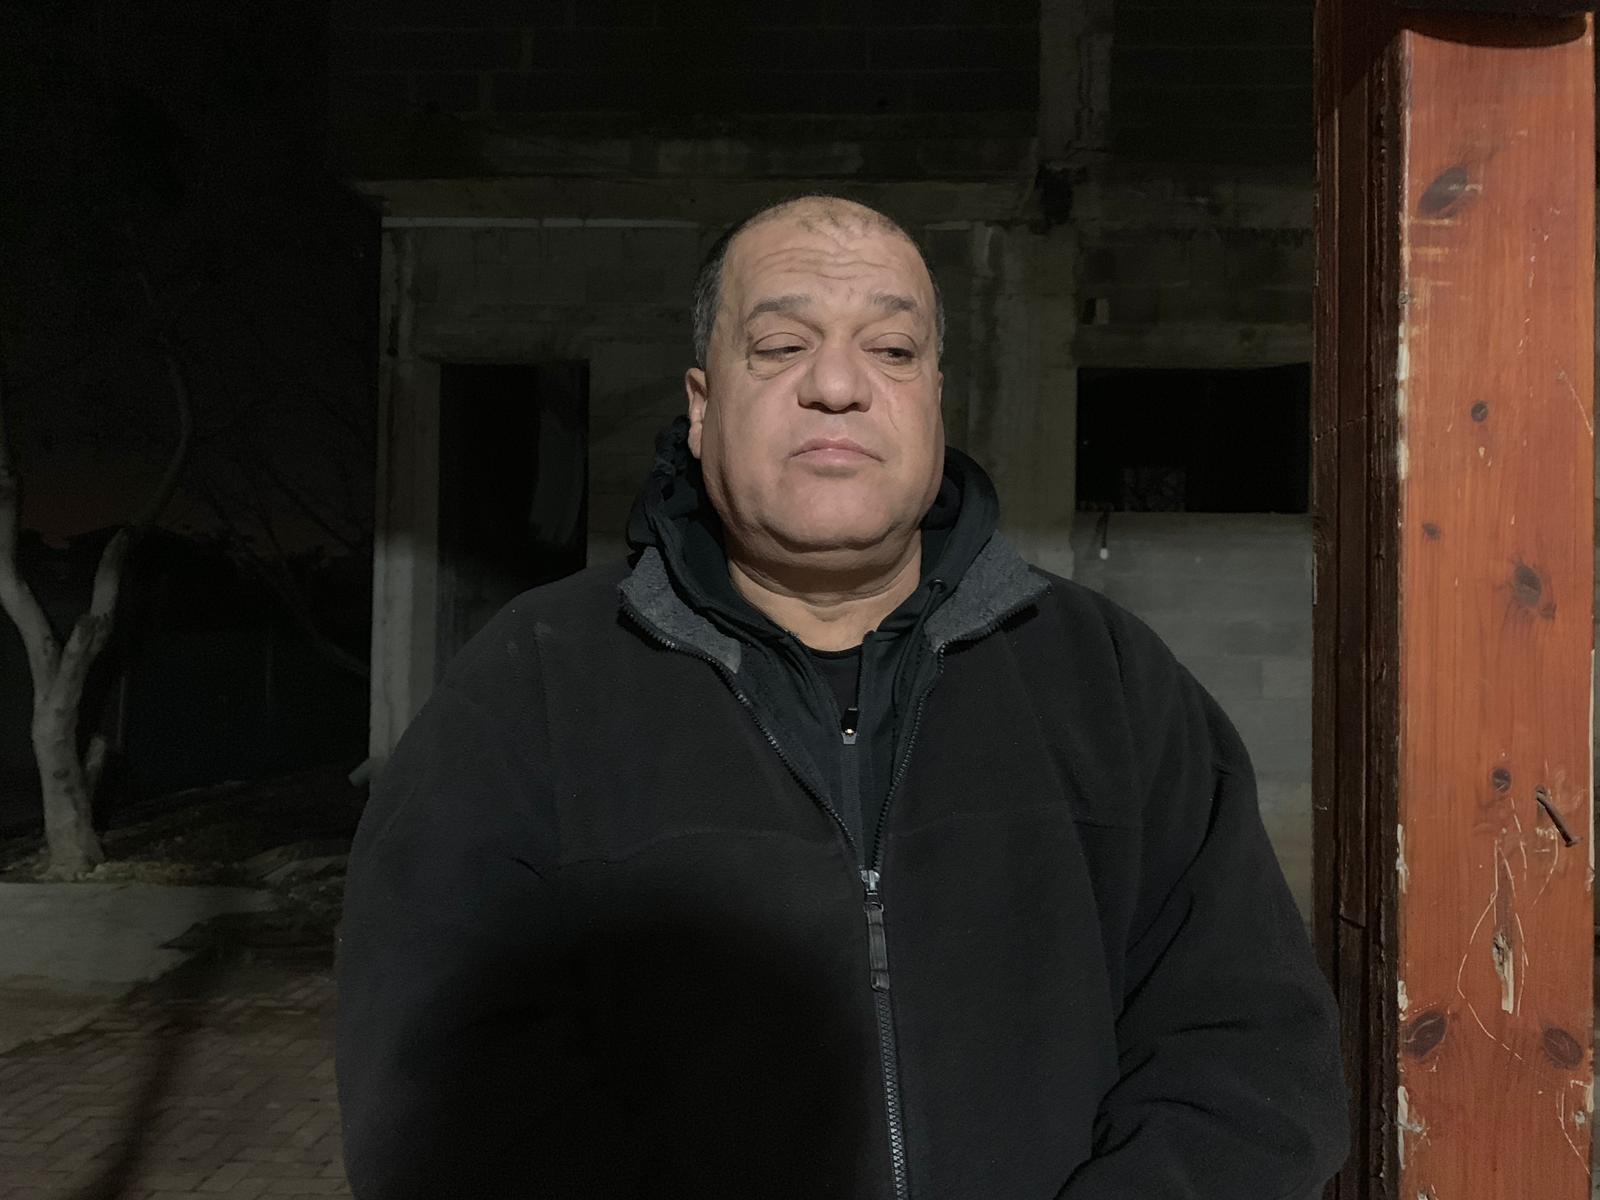 محمّد عودة، صاحب المنزل المهدّد بالهدم (عرب ٤٨)